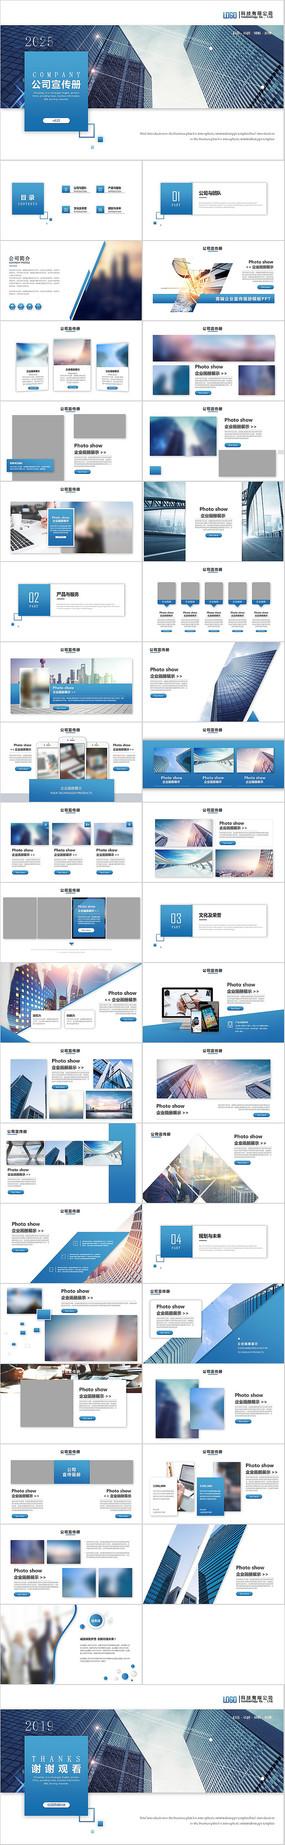 公司宣传介绍画册PPT模板